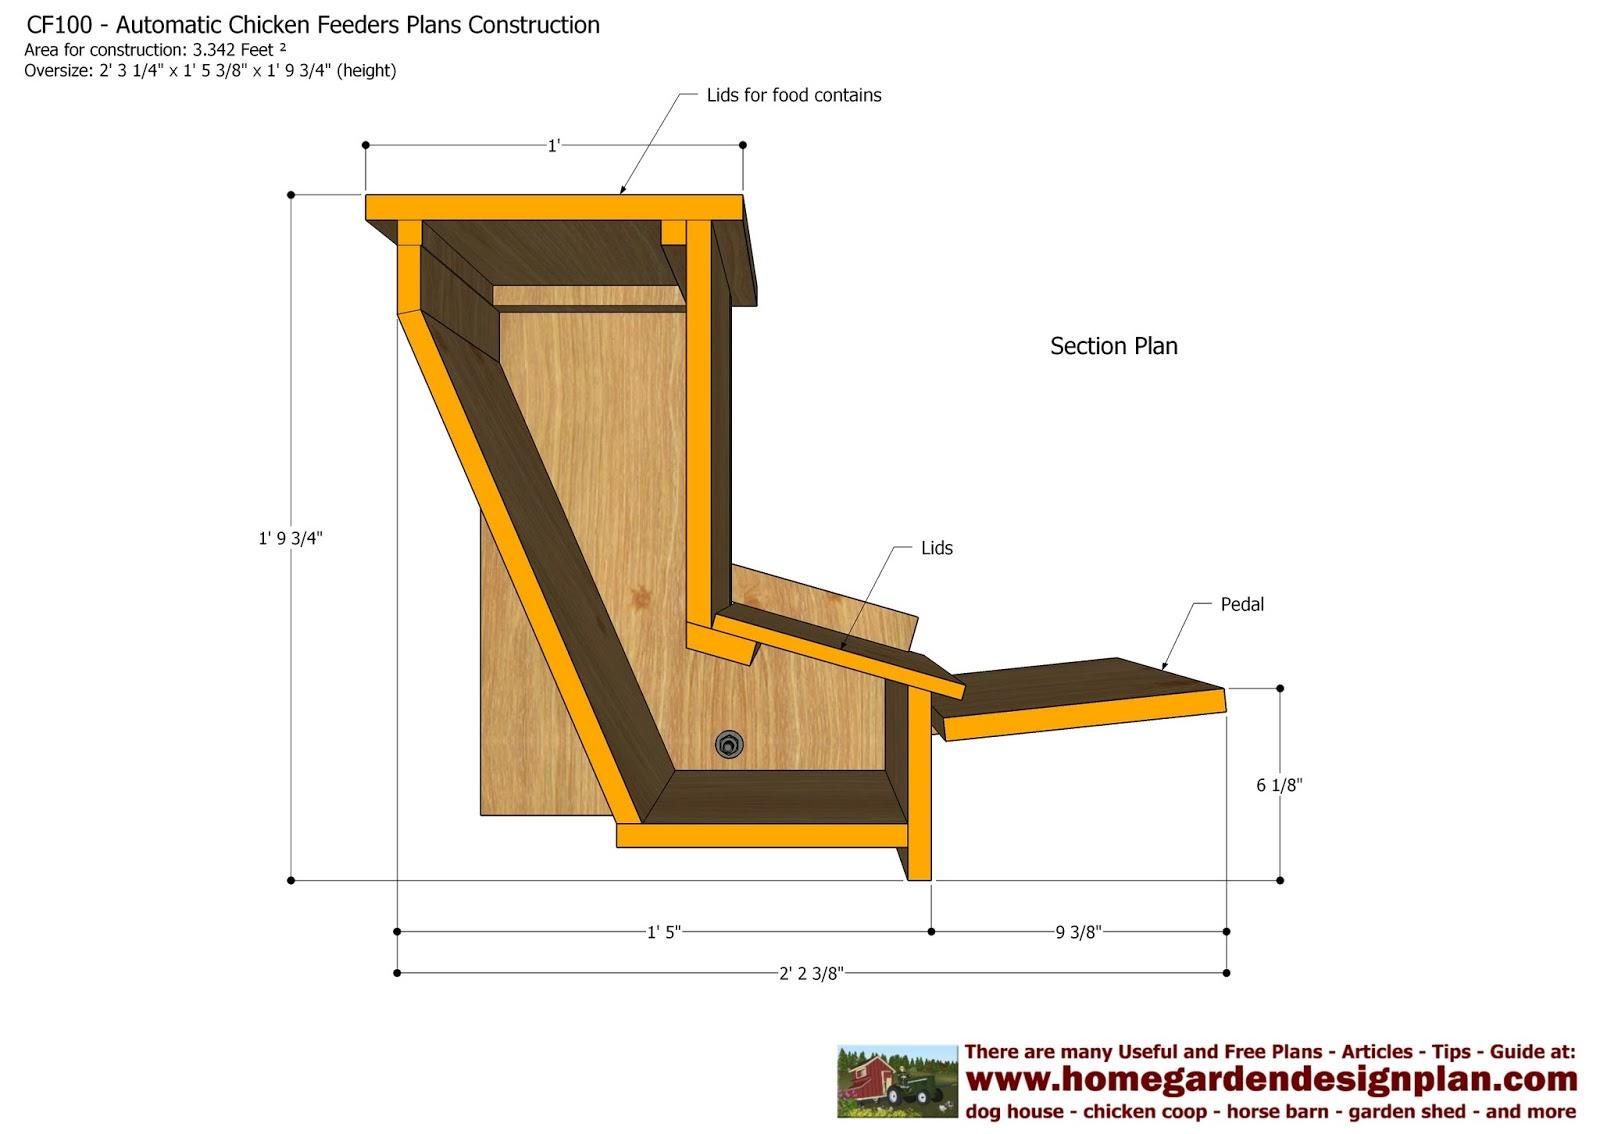 Home Garden Plans Cf100 Automatic Chicken Feeder Plans